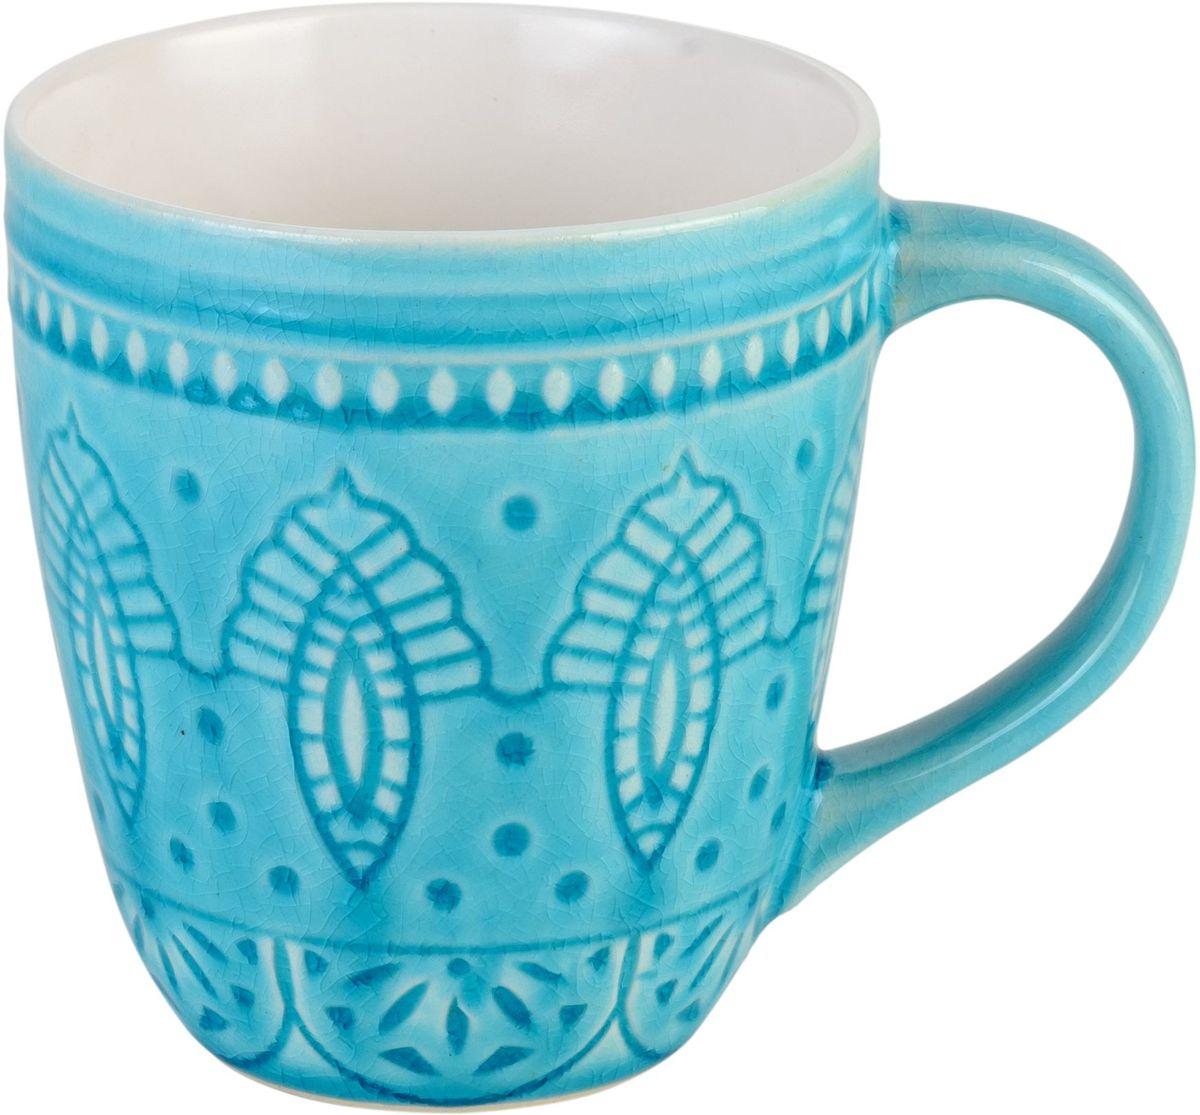 Набор кружек Tongo, цвет: голубая бирюза, 350 мл, 6 штFS-91909Набор Tongo состоит из 6 кружек, выполненных из керамики с глазурованным покрытием. Такой набор станет изысканным украшением стола к чаепитию и порадует вас и ваших гостей оригинальным дизайном и качеством исполнения. Он прекрасно подойдет в качестве подарка к любому случаю. Диаметр кружки (по верхнему краю): 9 см. Высота кружки: 10 см.